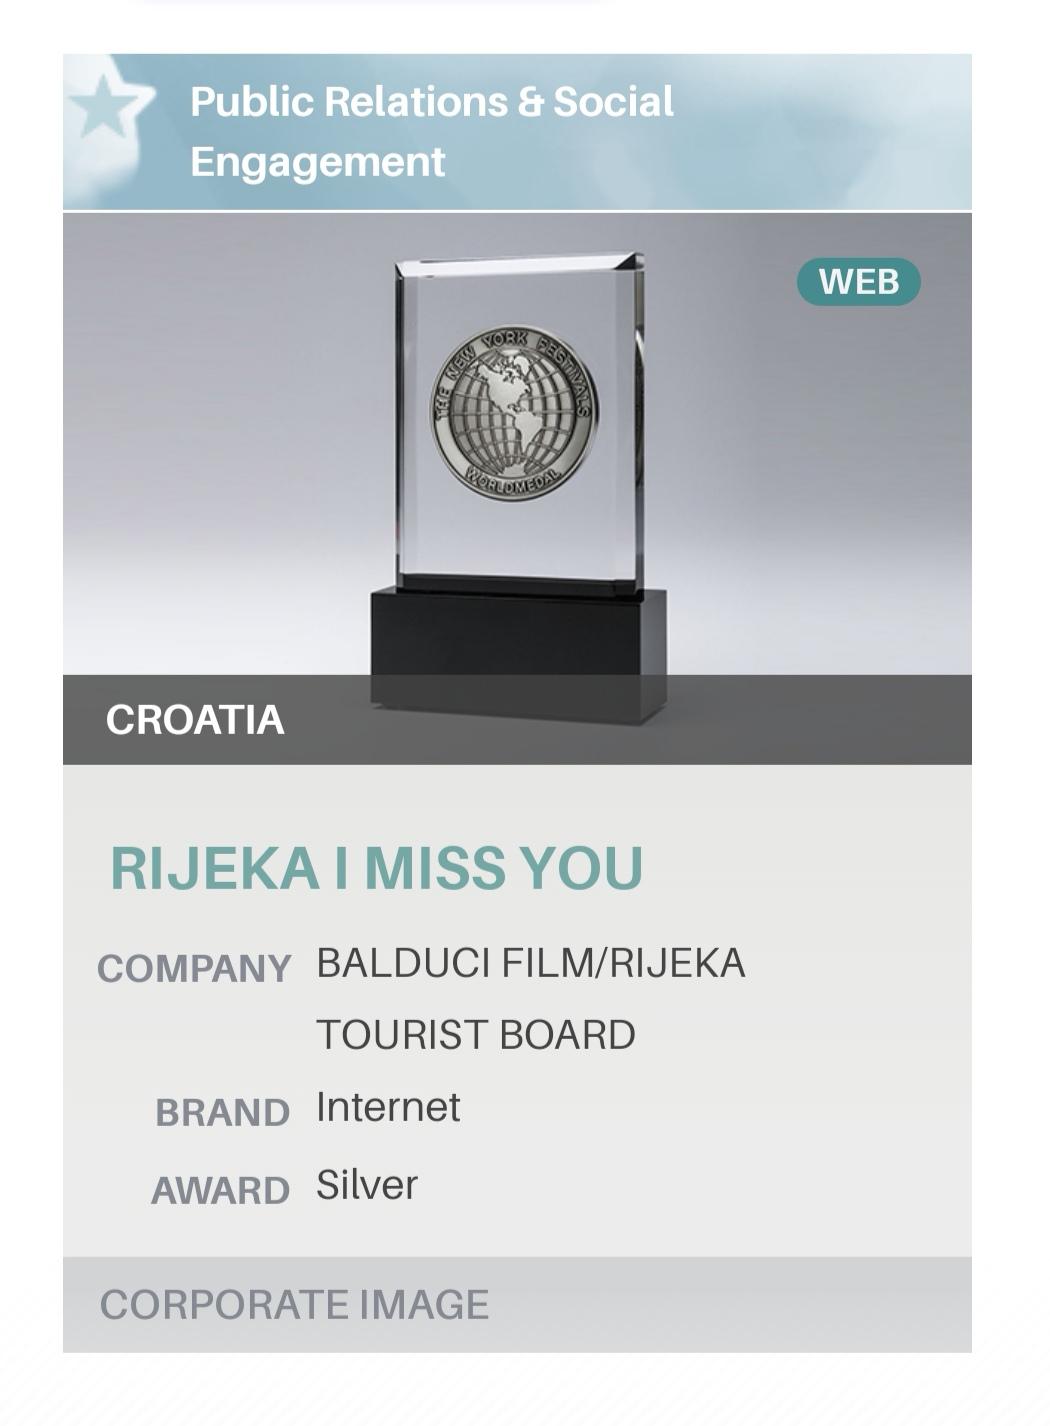 Srebrna medalja za promotivni film RIJEKA - I MISS YOU